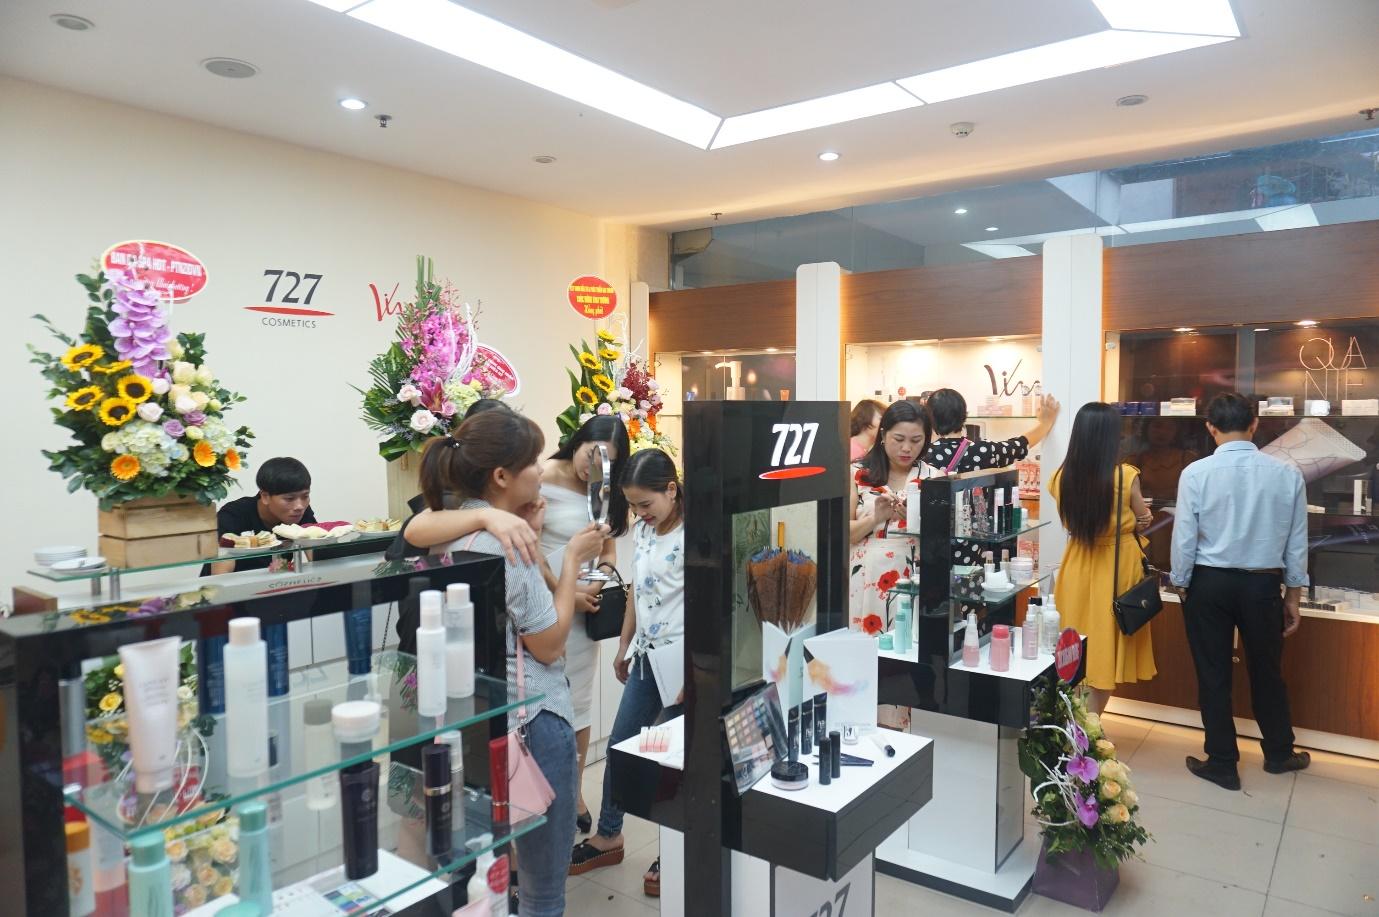 Thương hiệu mỹ phẩm 727 Việt Nam từng bước khẳng định vị thế trong lĩnh vực chăm sóc da - Ảnh 2.